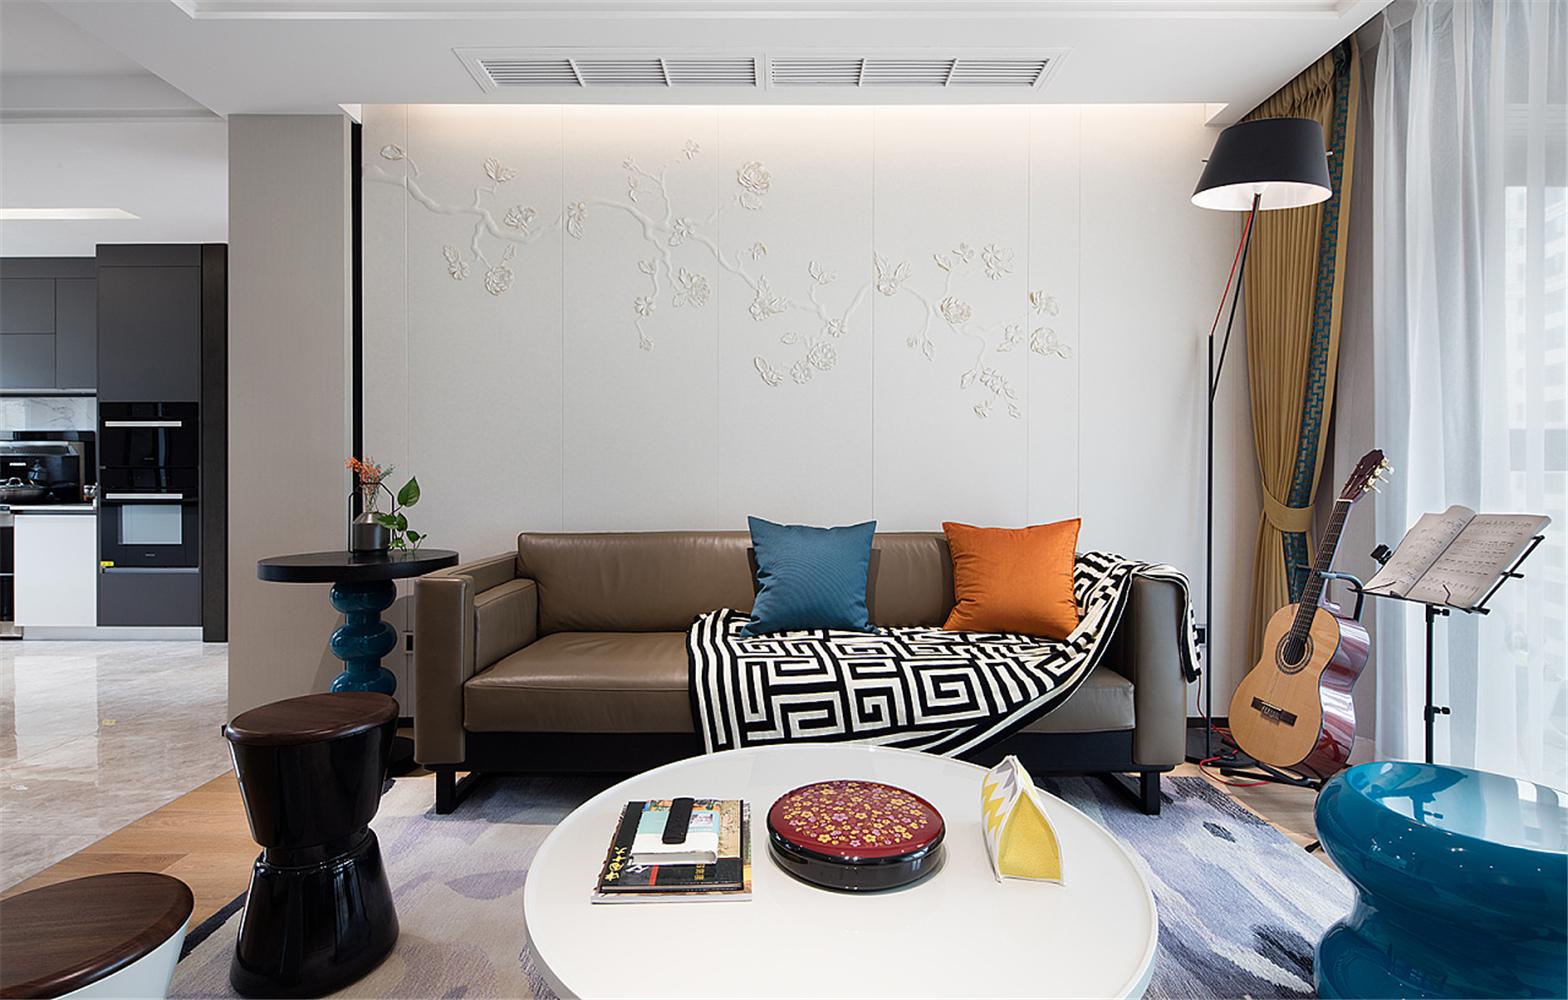 120㎡现代简约风沙发背景墙装修效果图